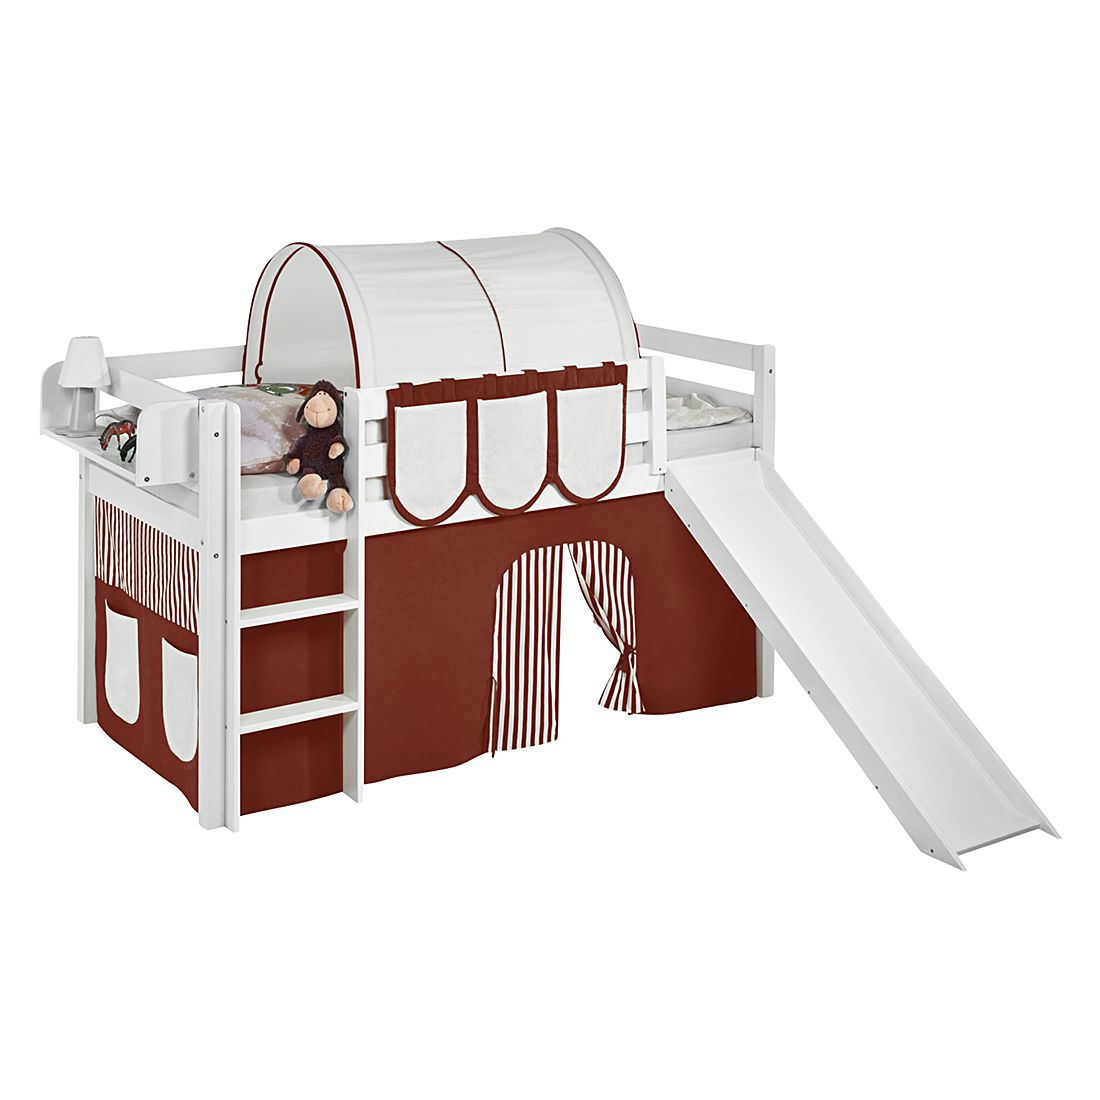 betten archives. Black Bedroom Furniture Sets. Home Design Ideas